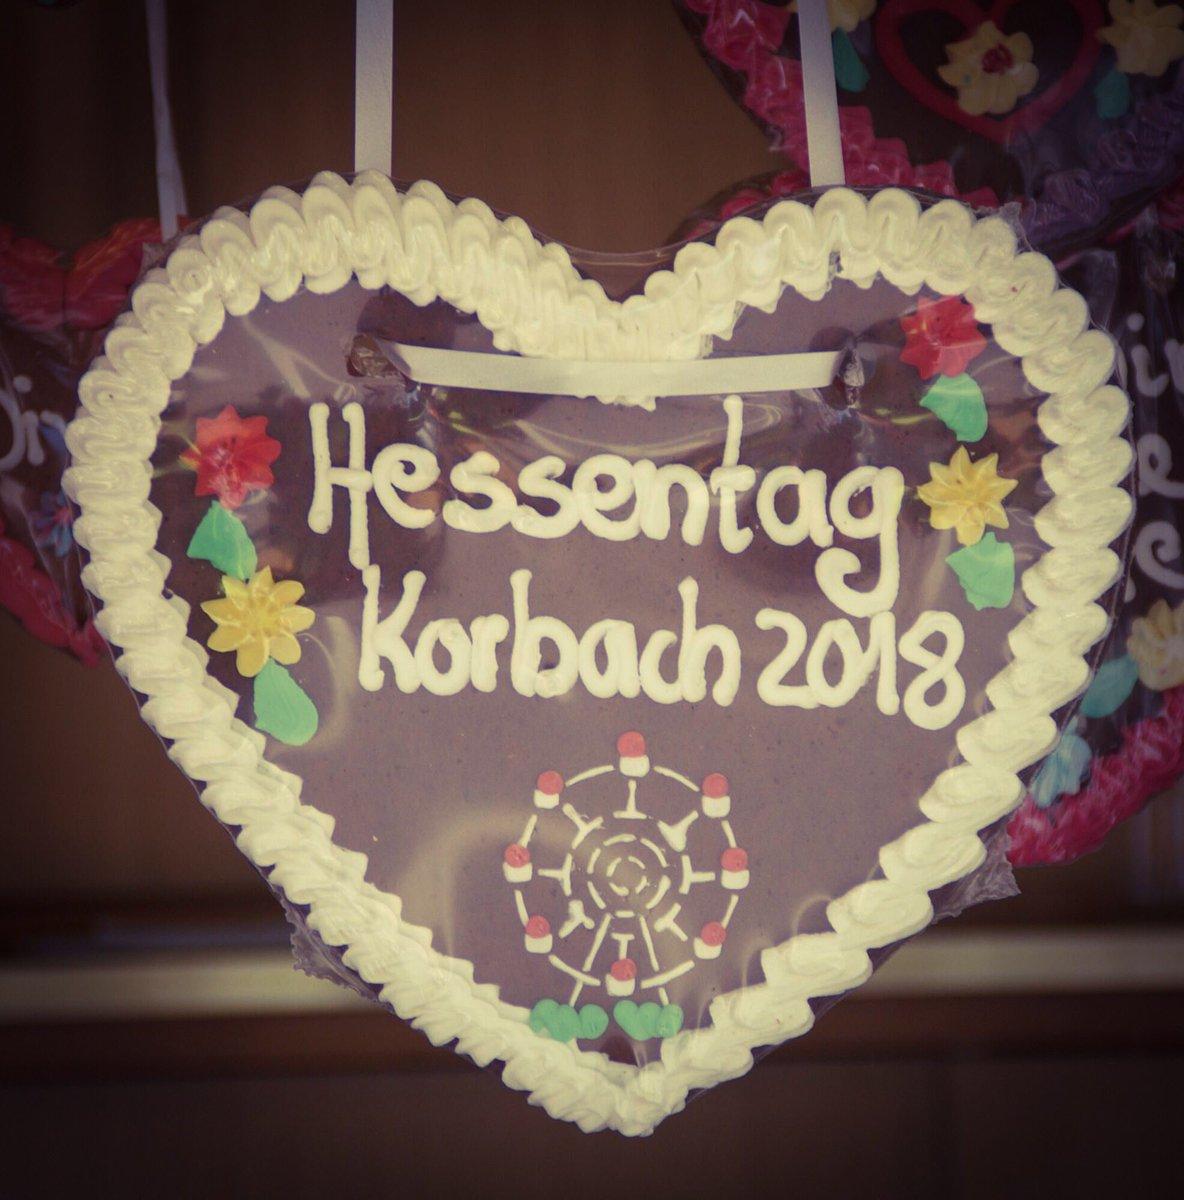 #Korbach